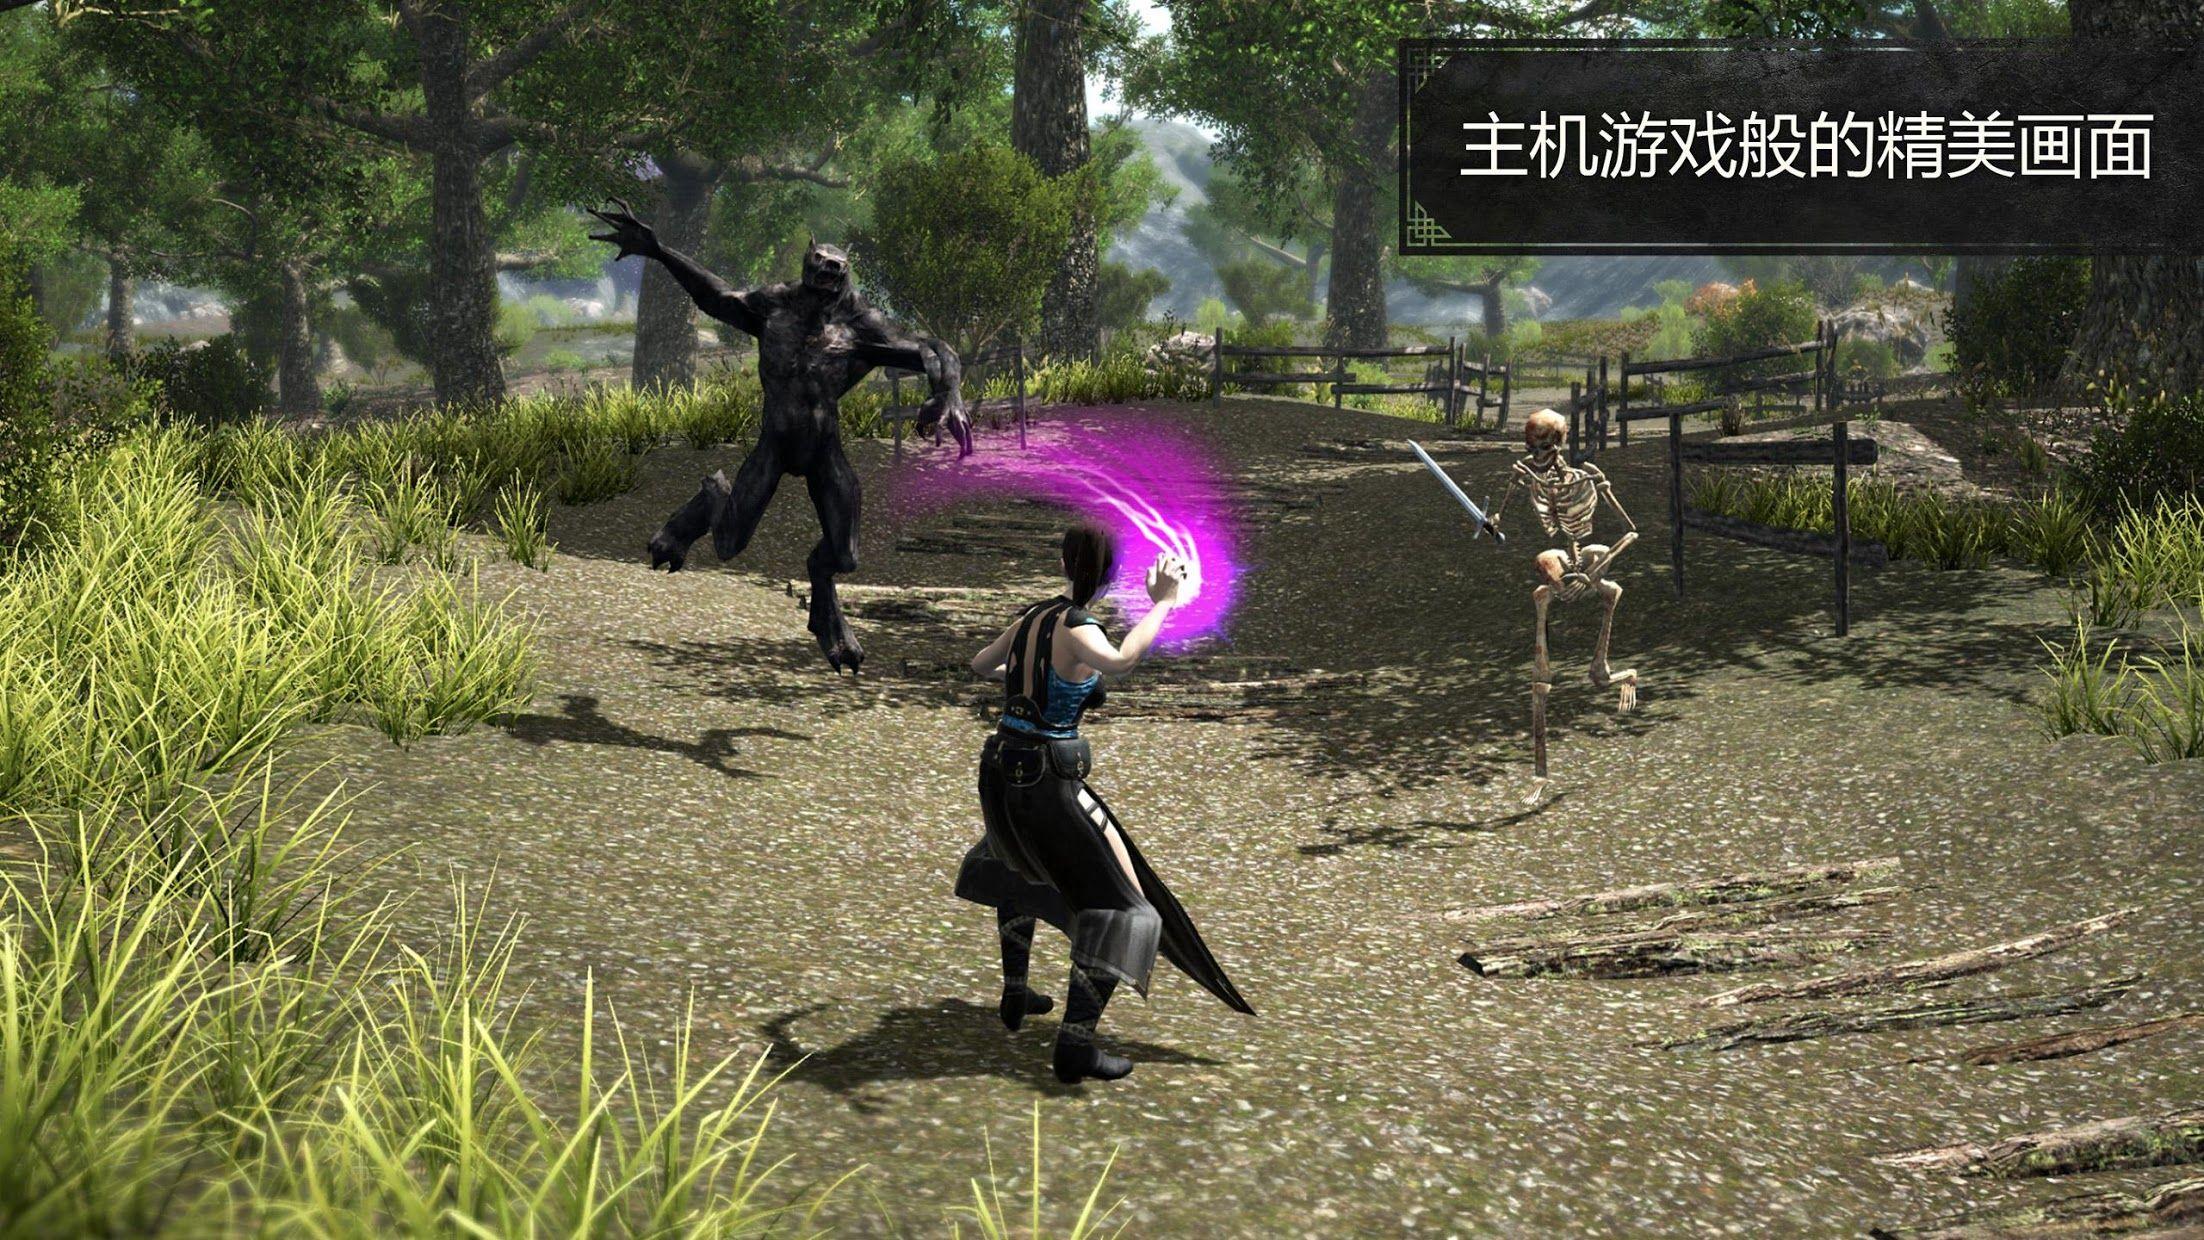 Evil Lands: Online Action RPG 游戏截图2